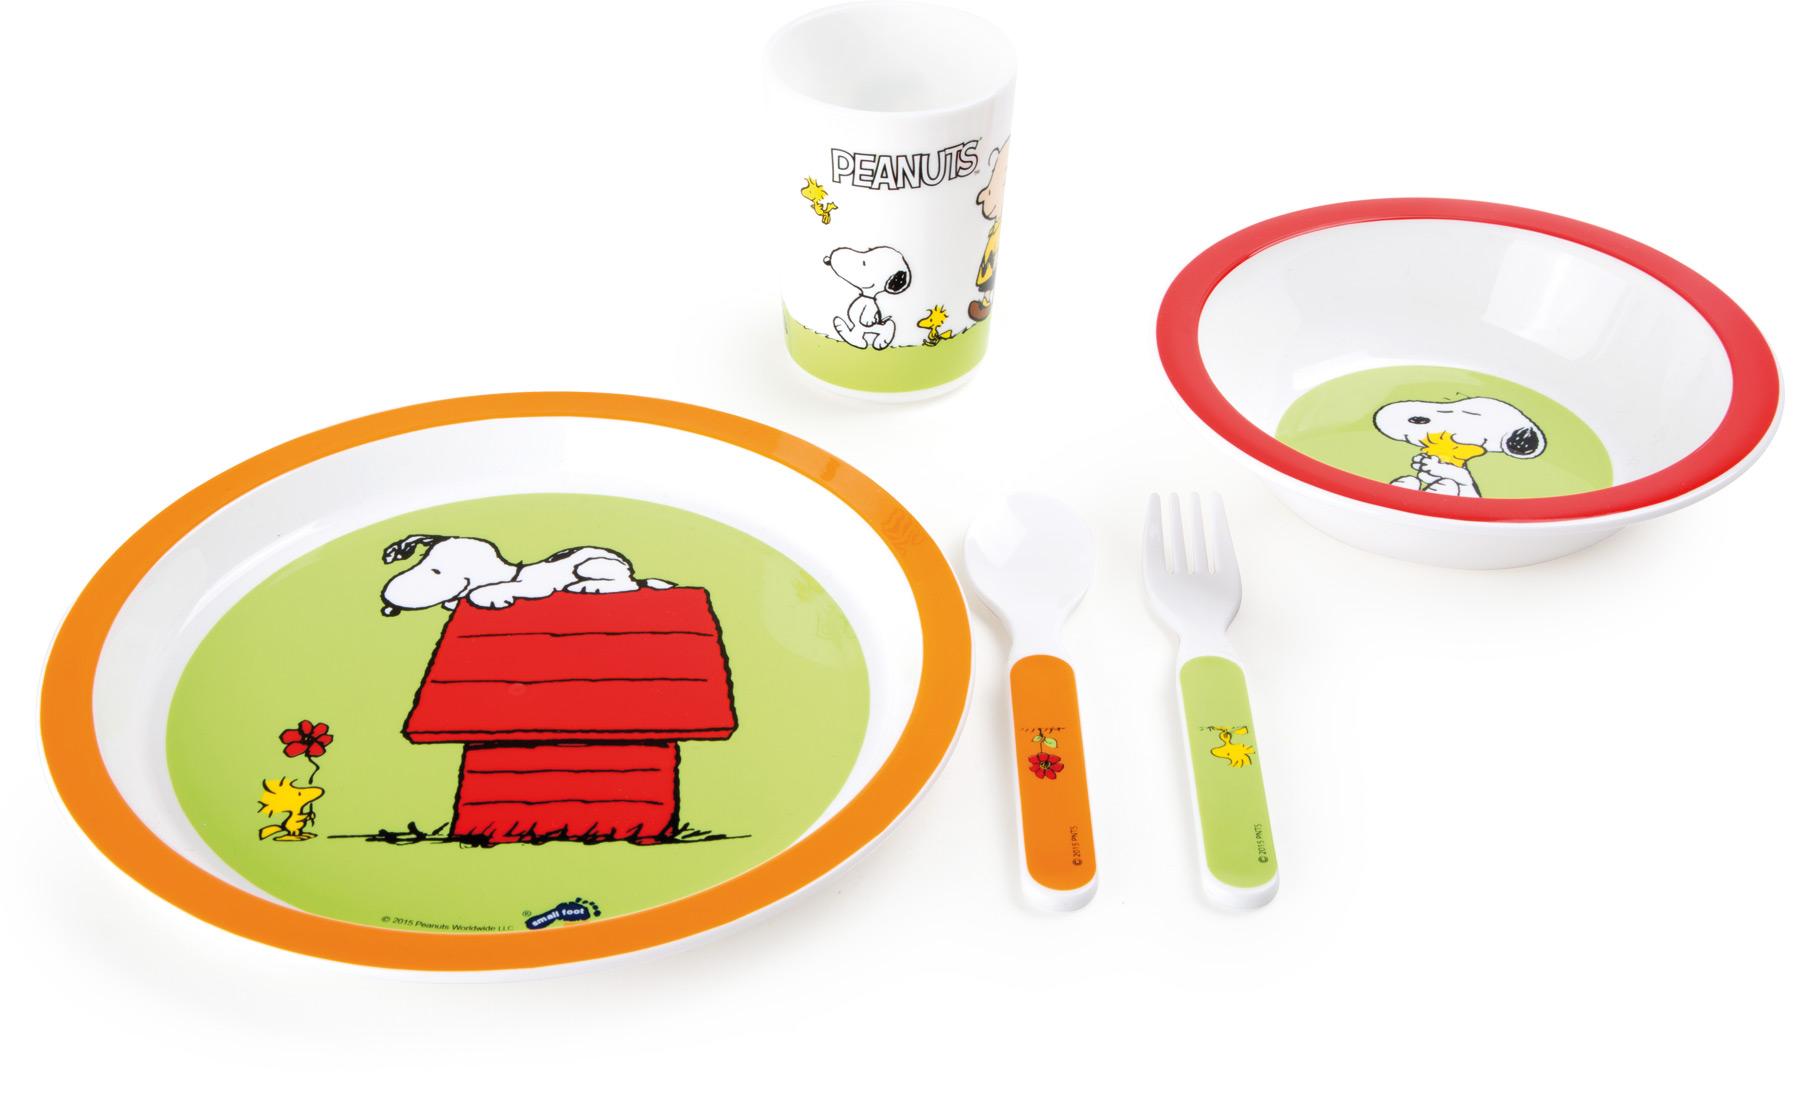 Small Foot Dětská jídelní souprava Peanuts